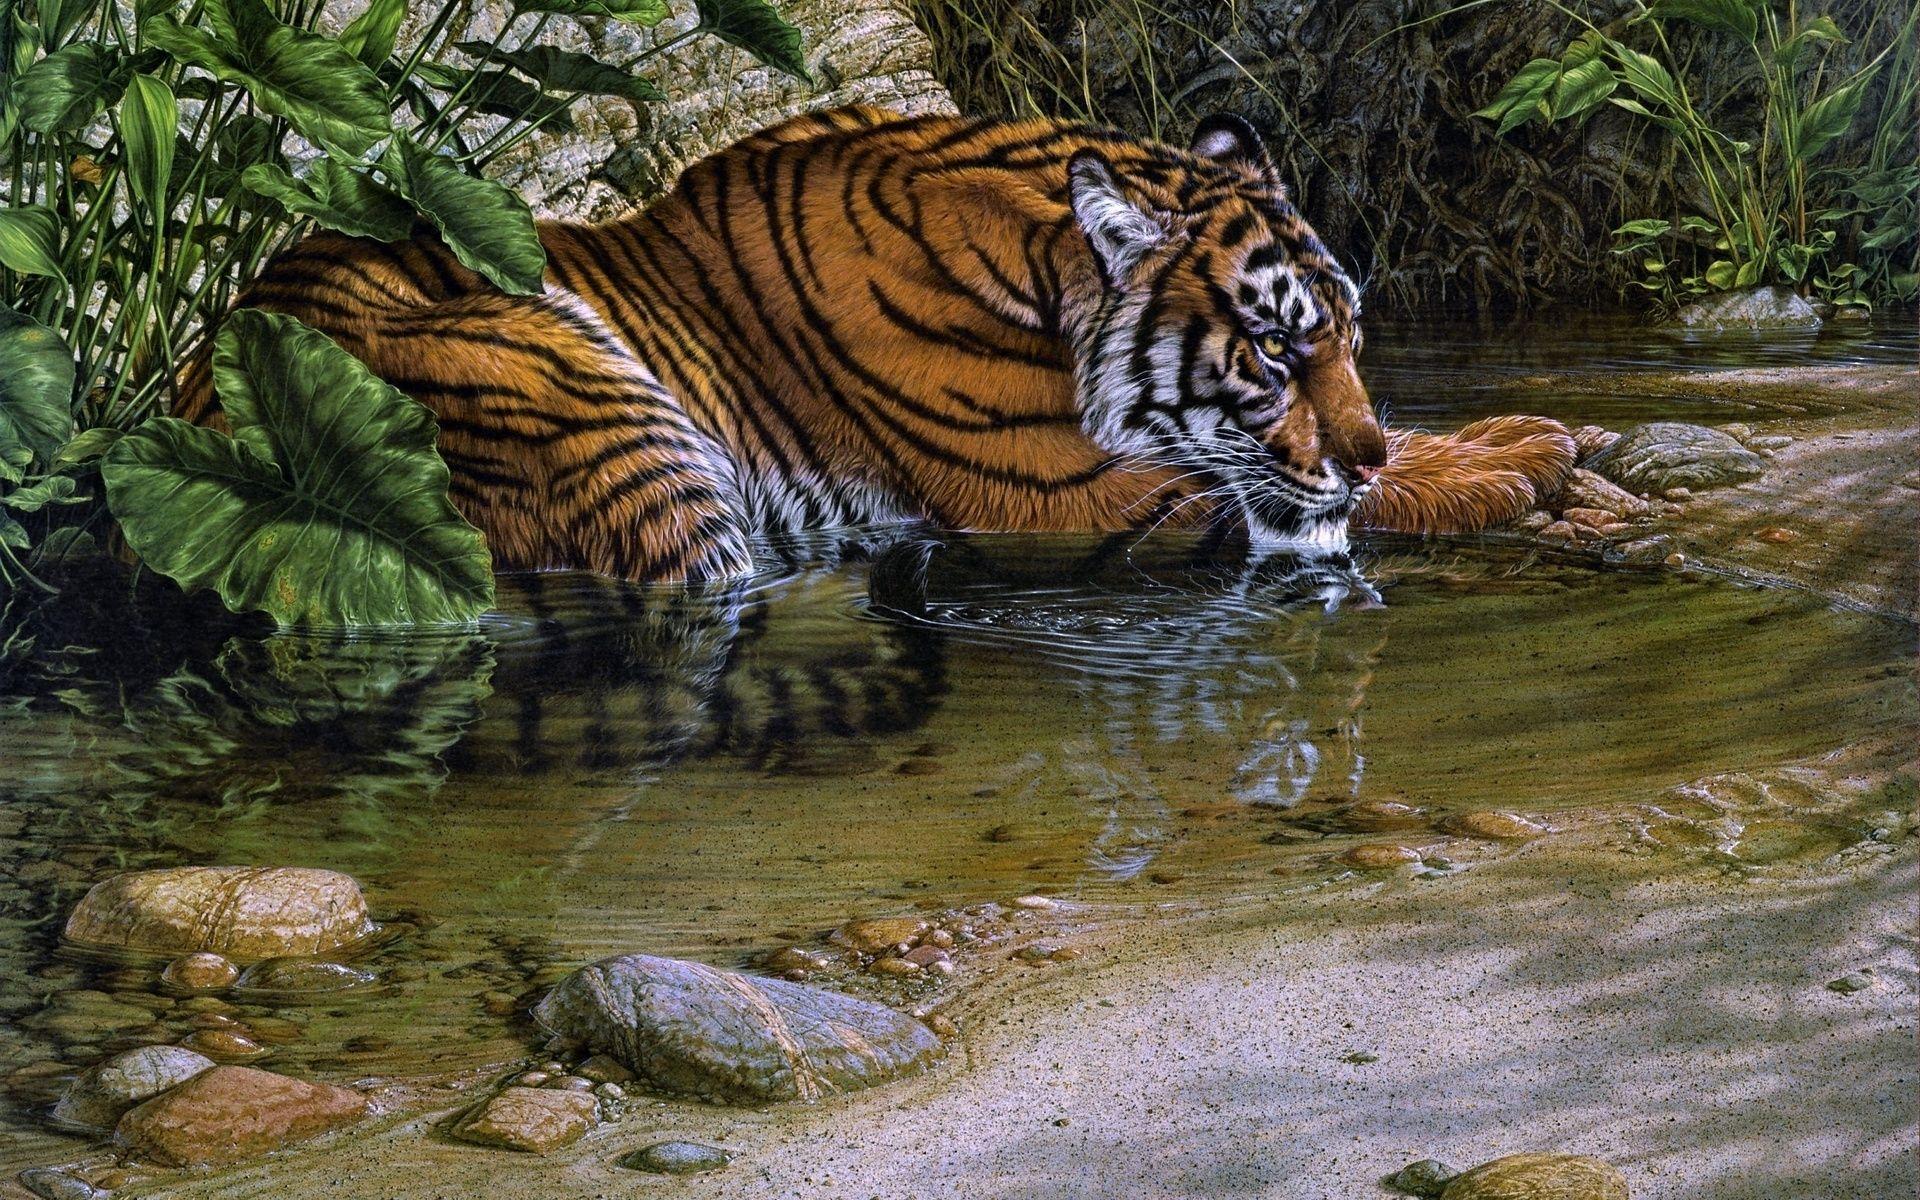 Tiger Art, HD Wallpaper